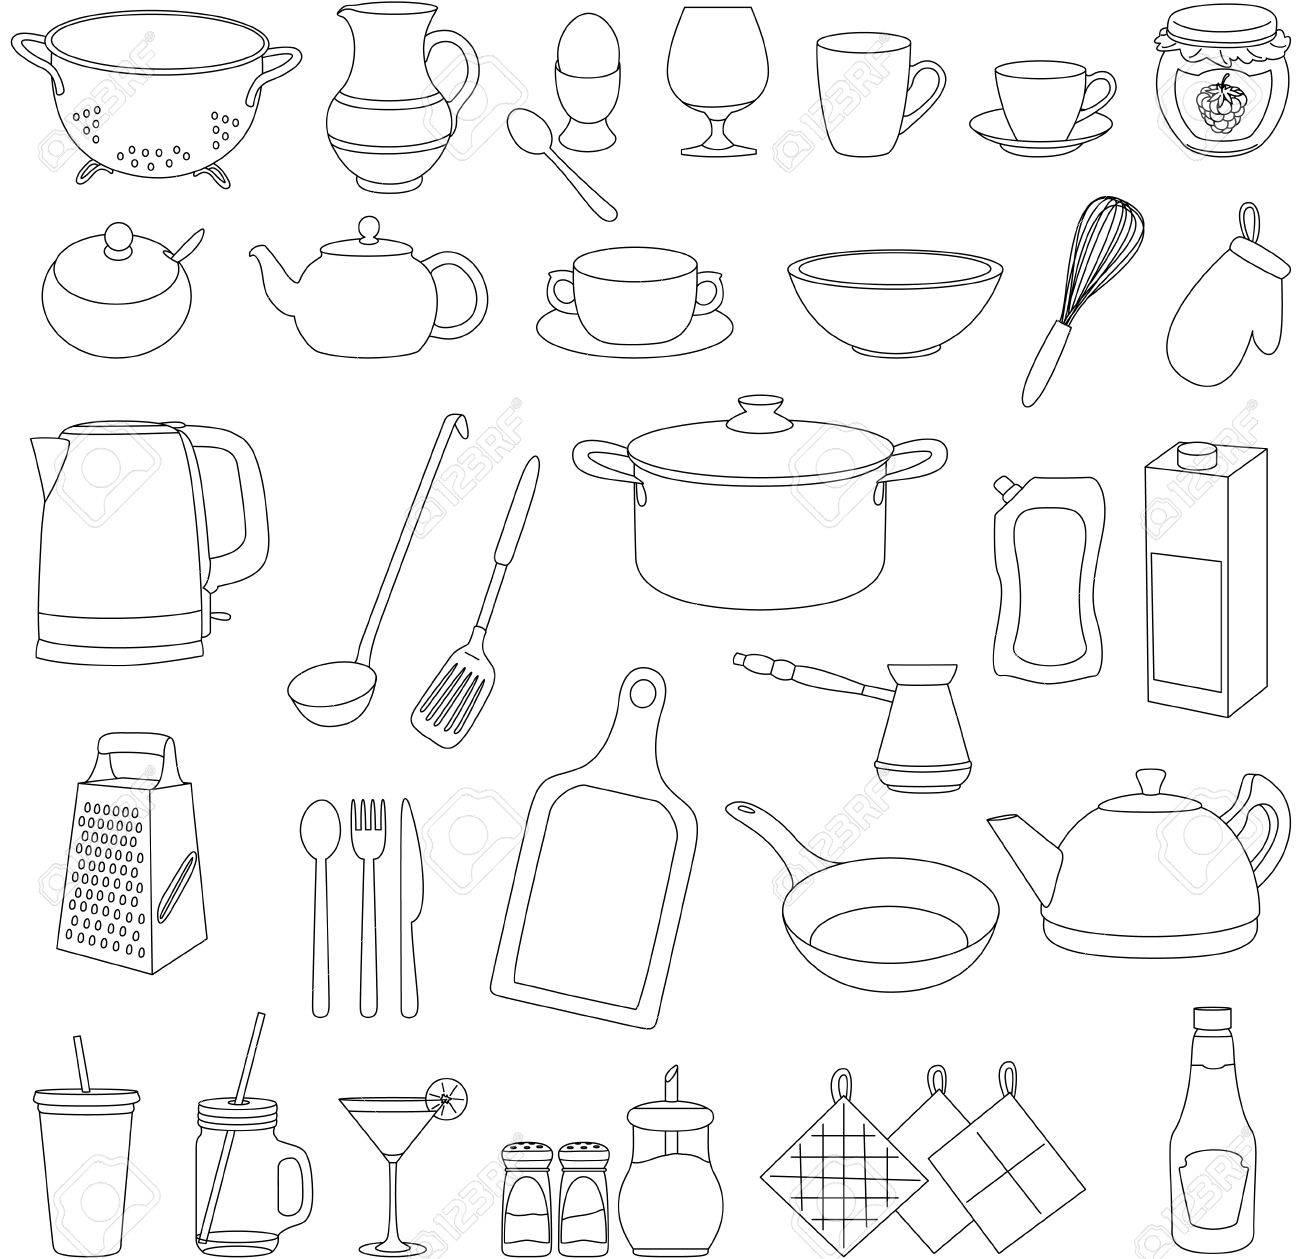 Conjunto De Vajilla De Dibujos Animados Olla Sartén Plato Hervidor De Agua Una Taza Vaso Tenedor Cuchara Cuchillo Rallador Tazón De